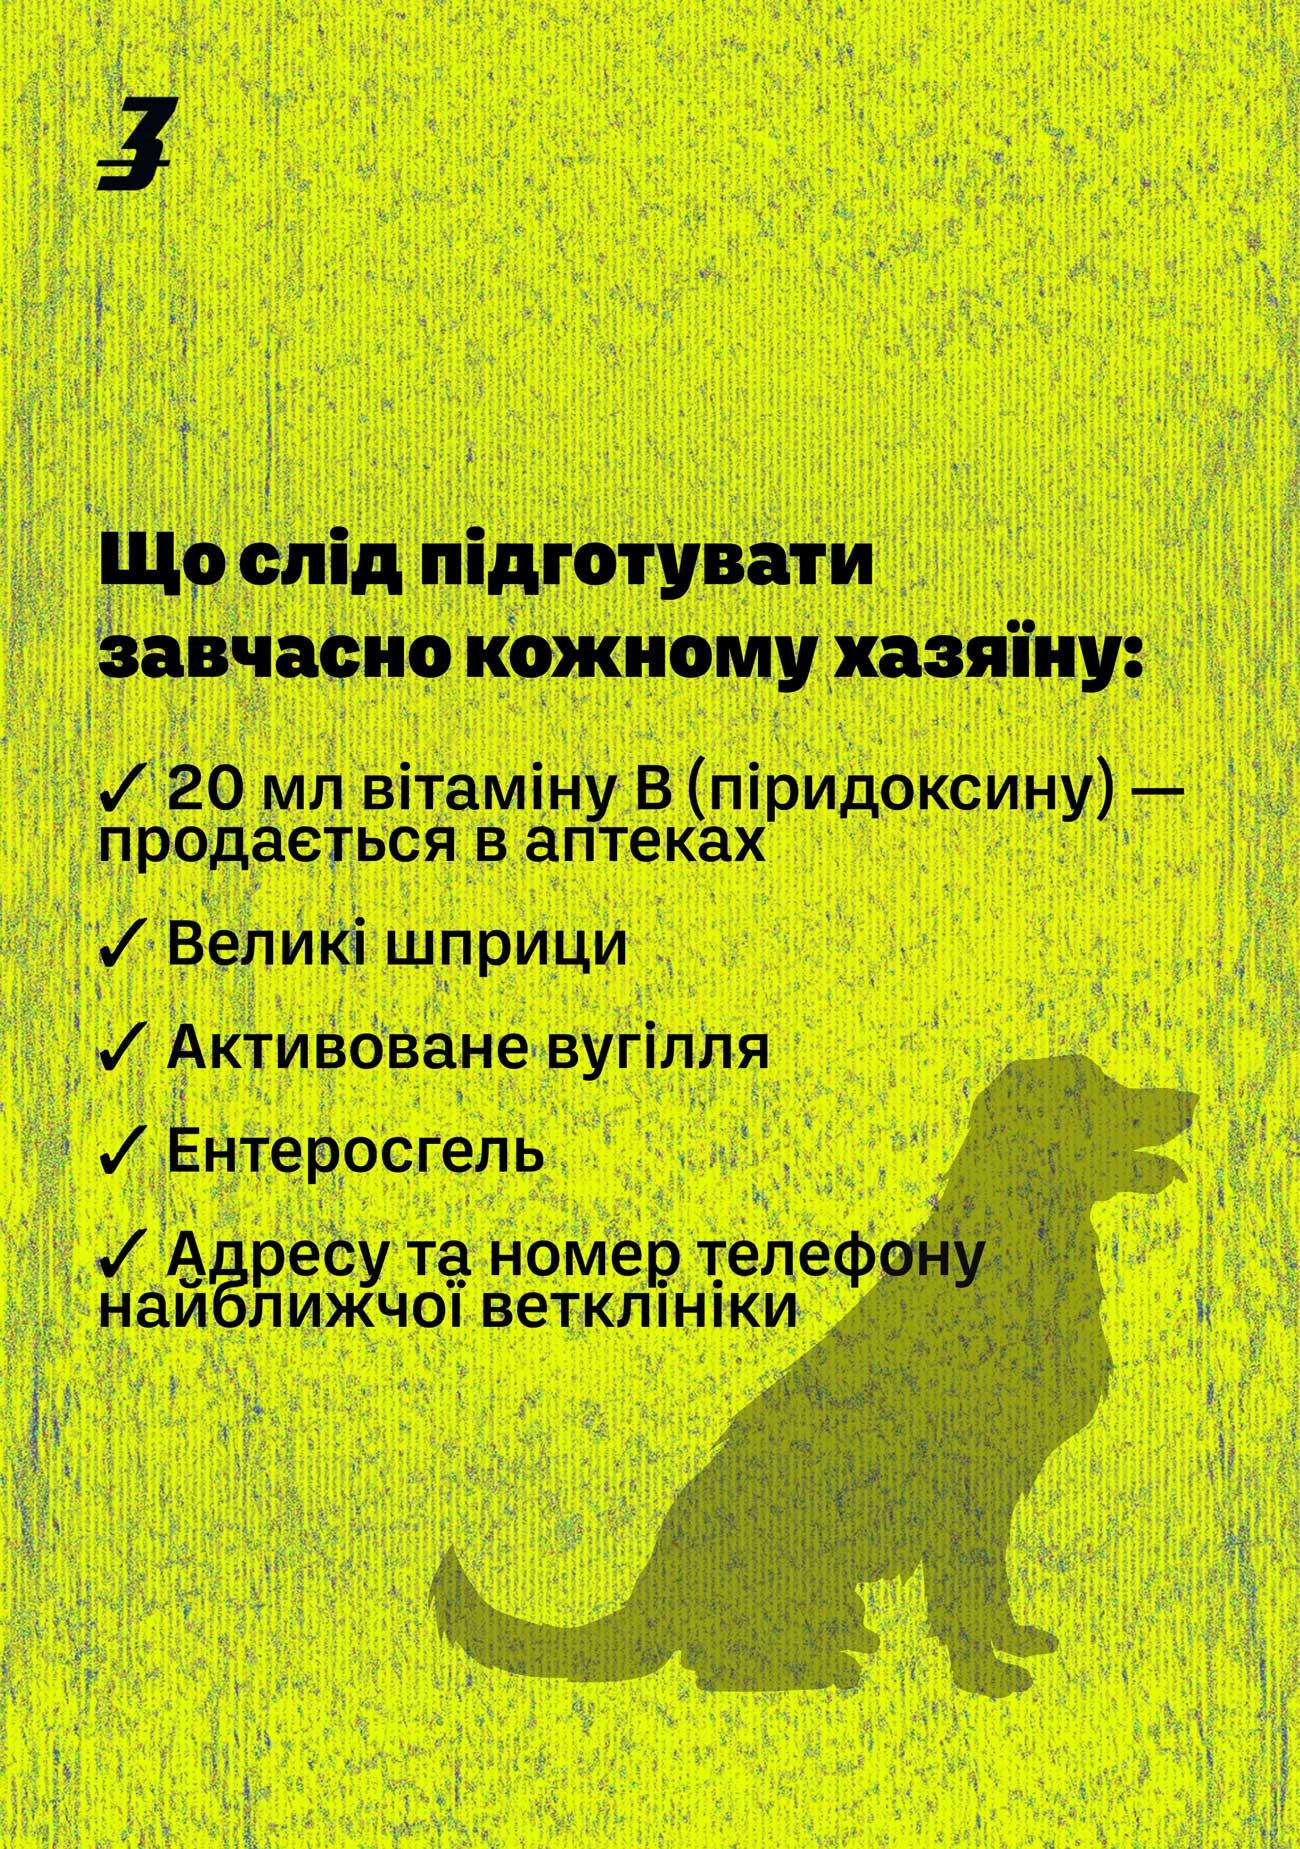 dog hunter ua 03 - <b>Здається, мою собаку отруїли.</b> Що робити? - Заборона